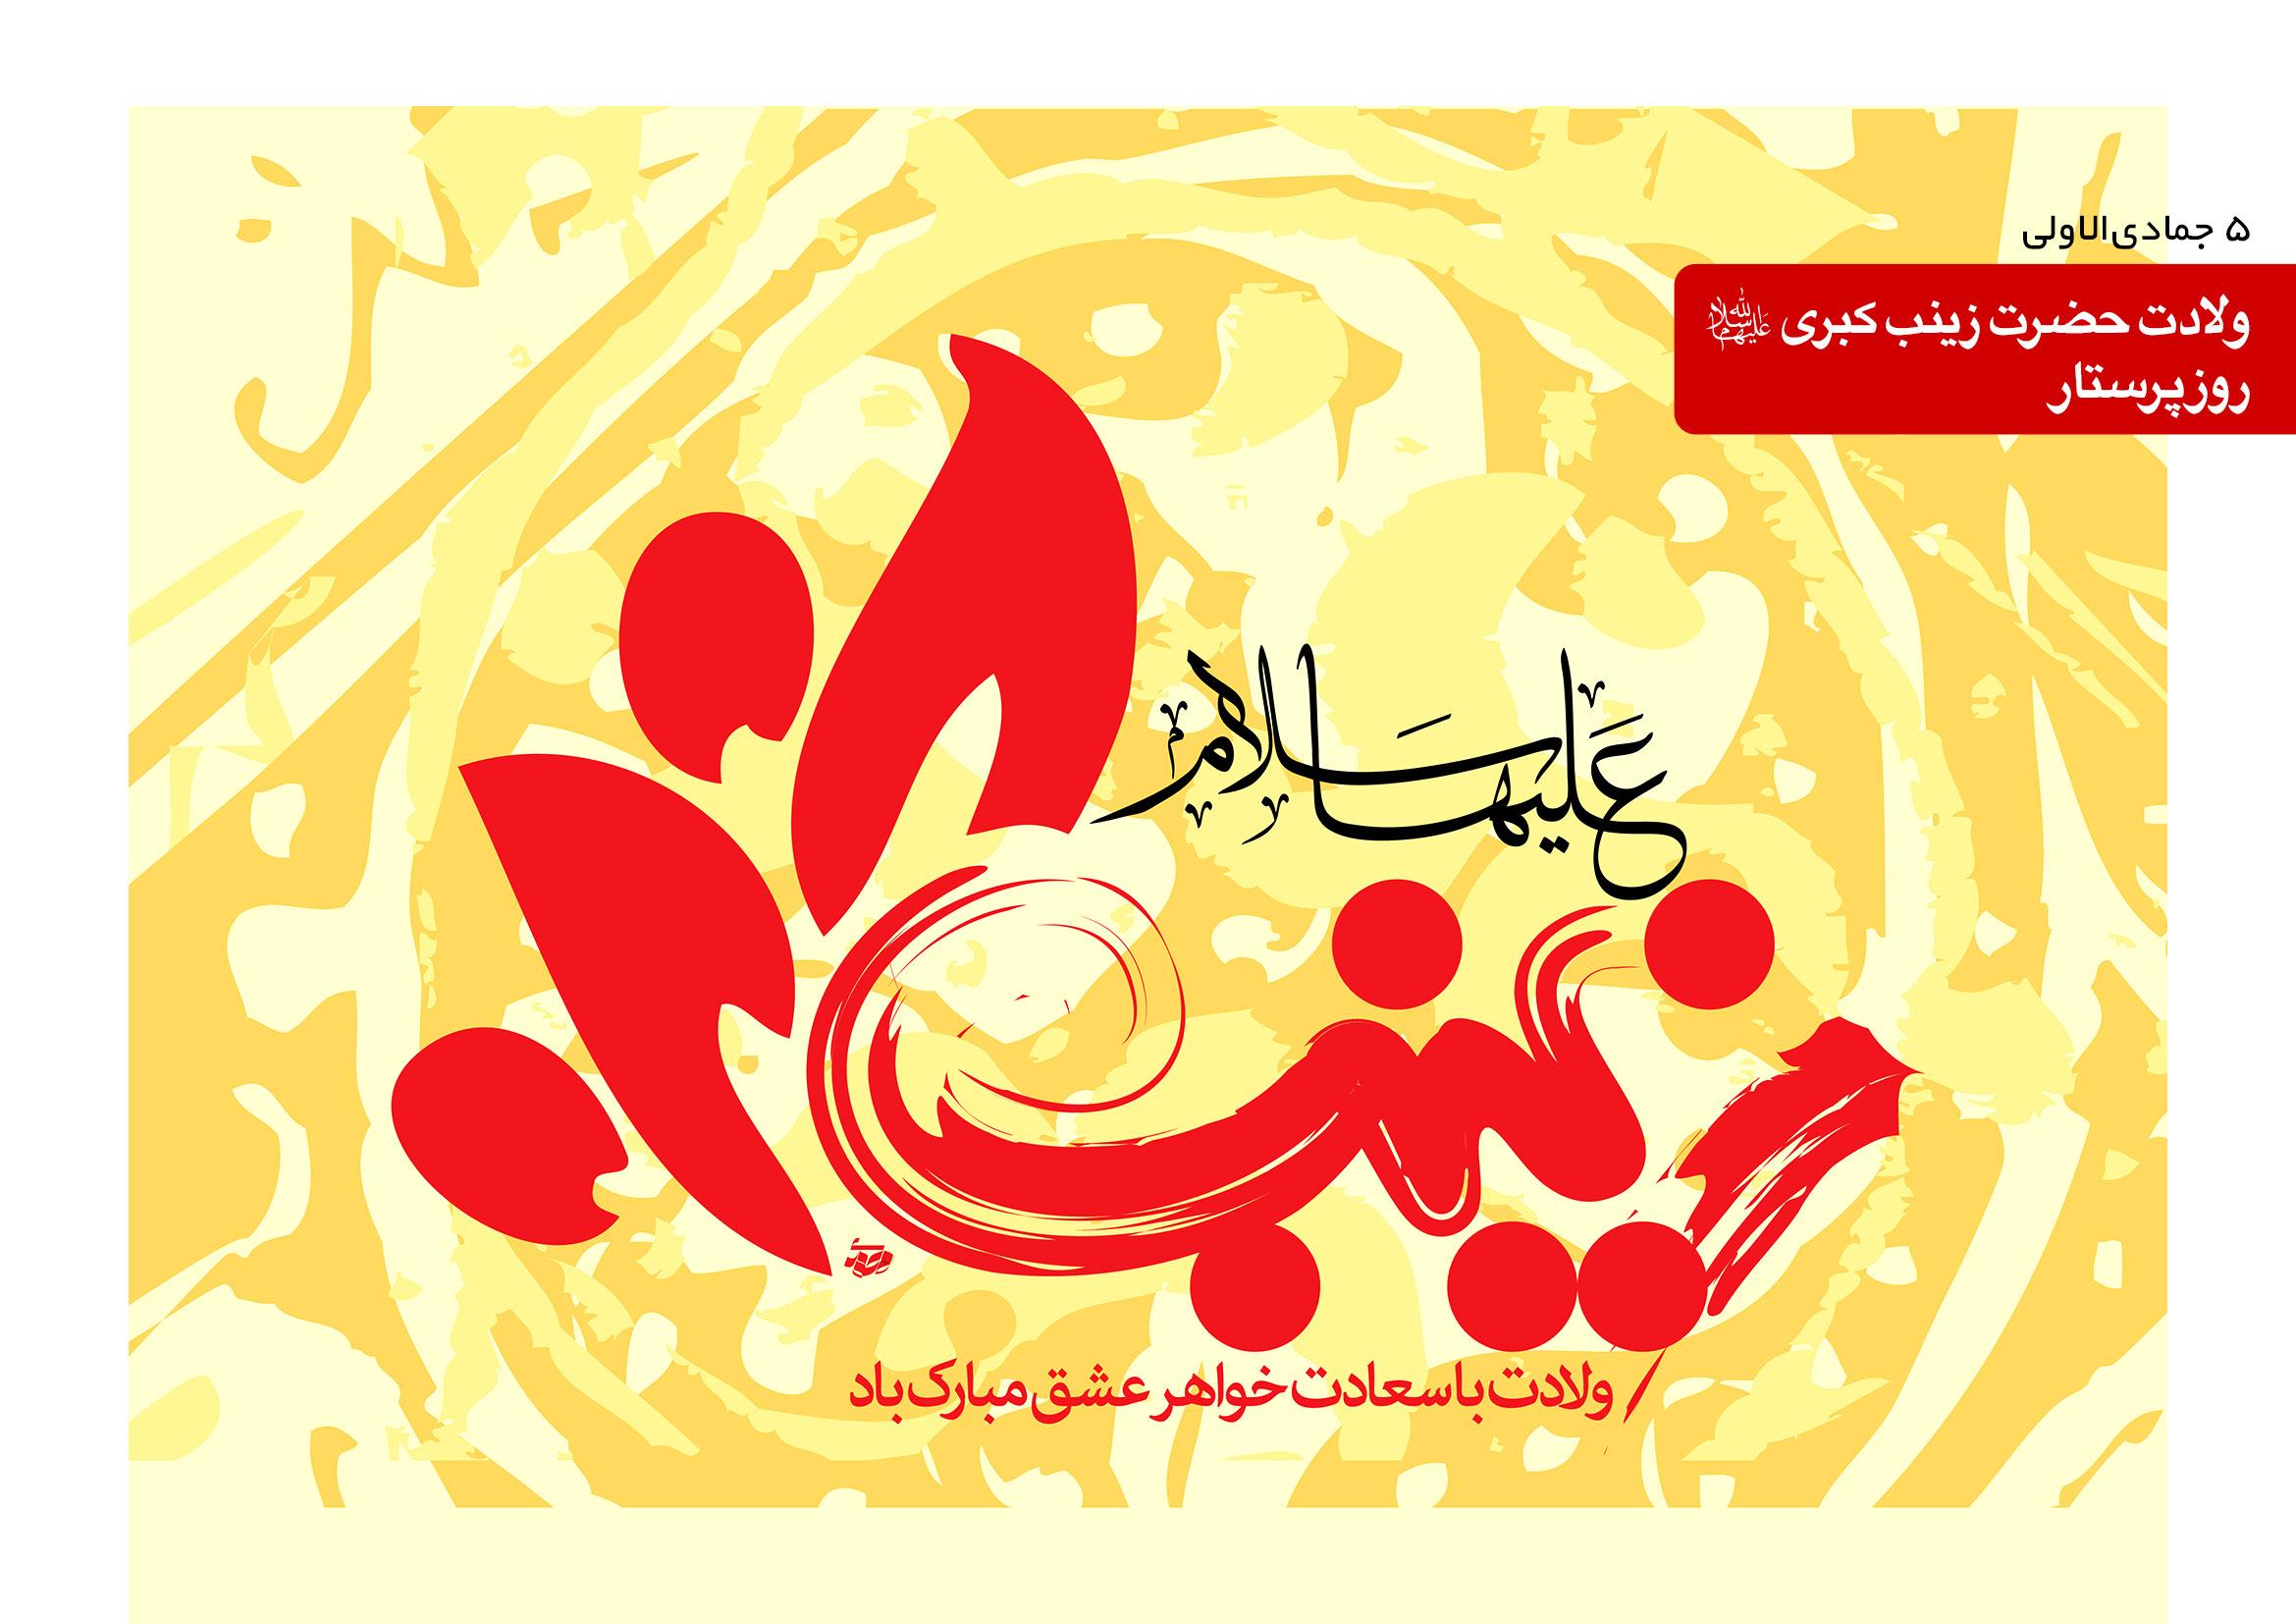 5 جمادی الاولی / ولادت حضرت زینب کبری سلام اله علیها و روز پرستار